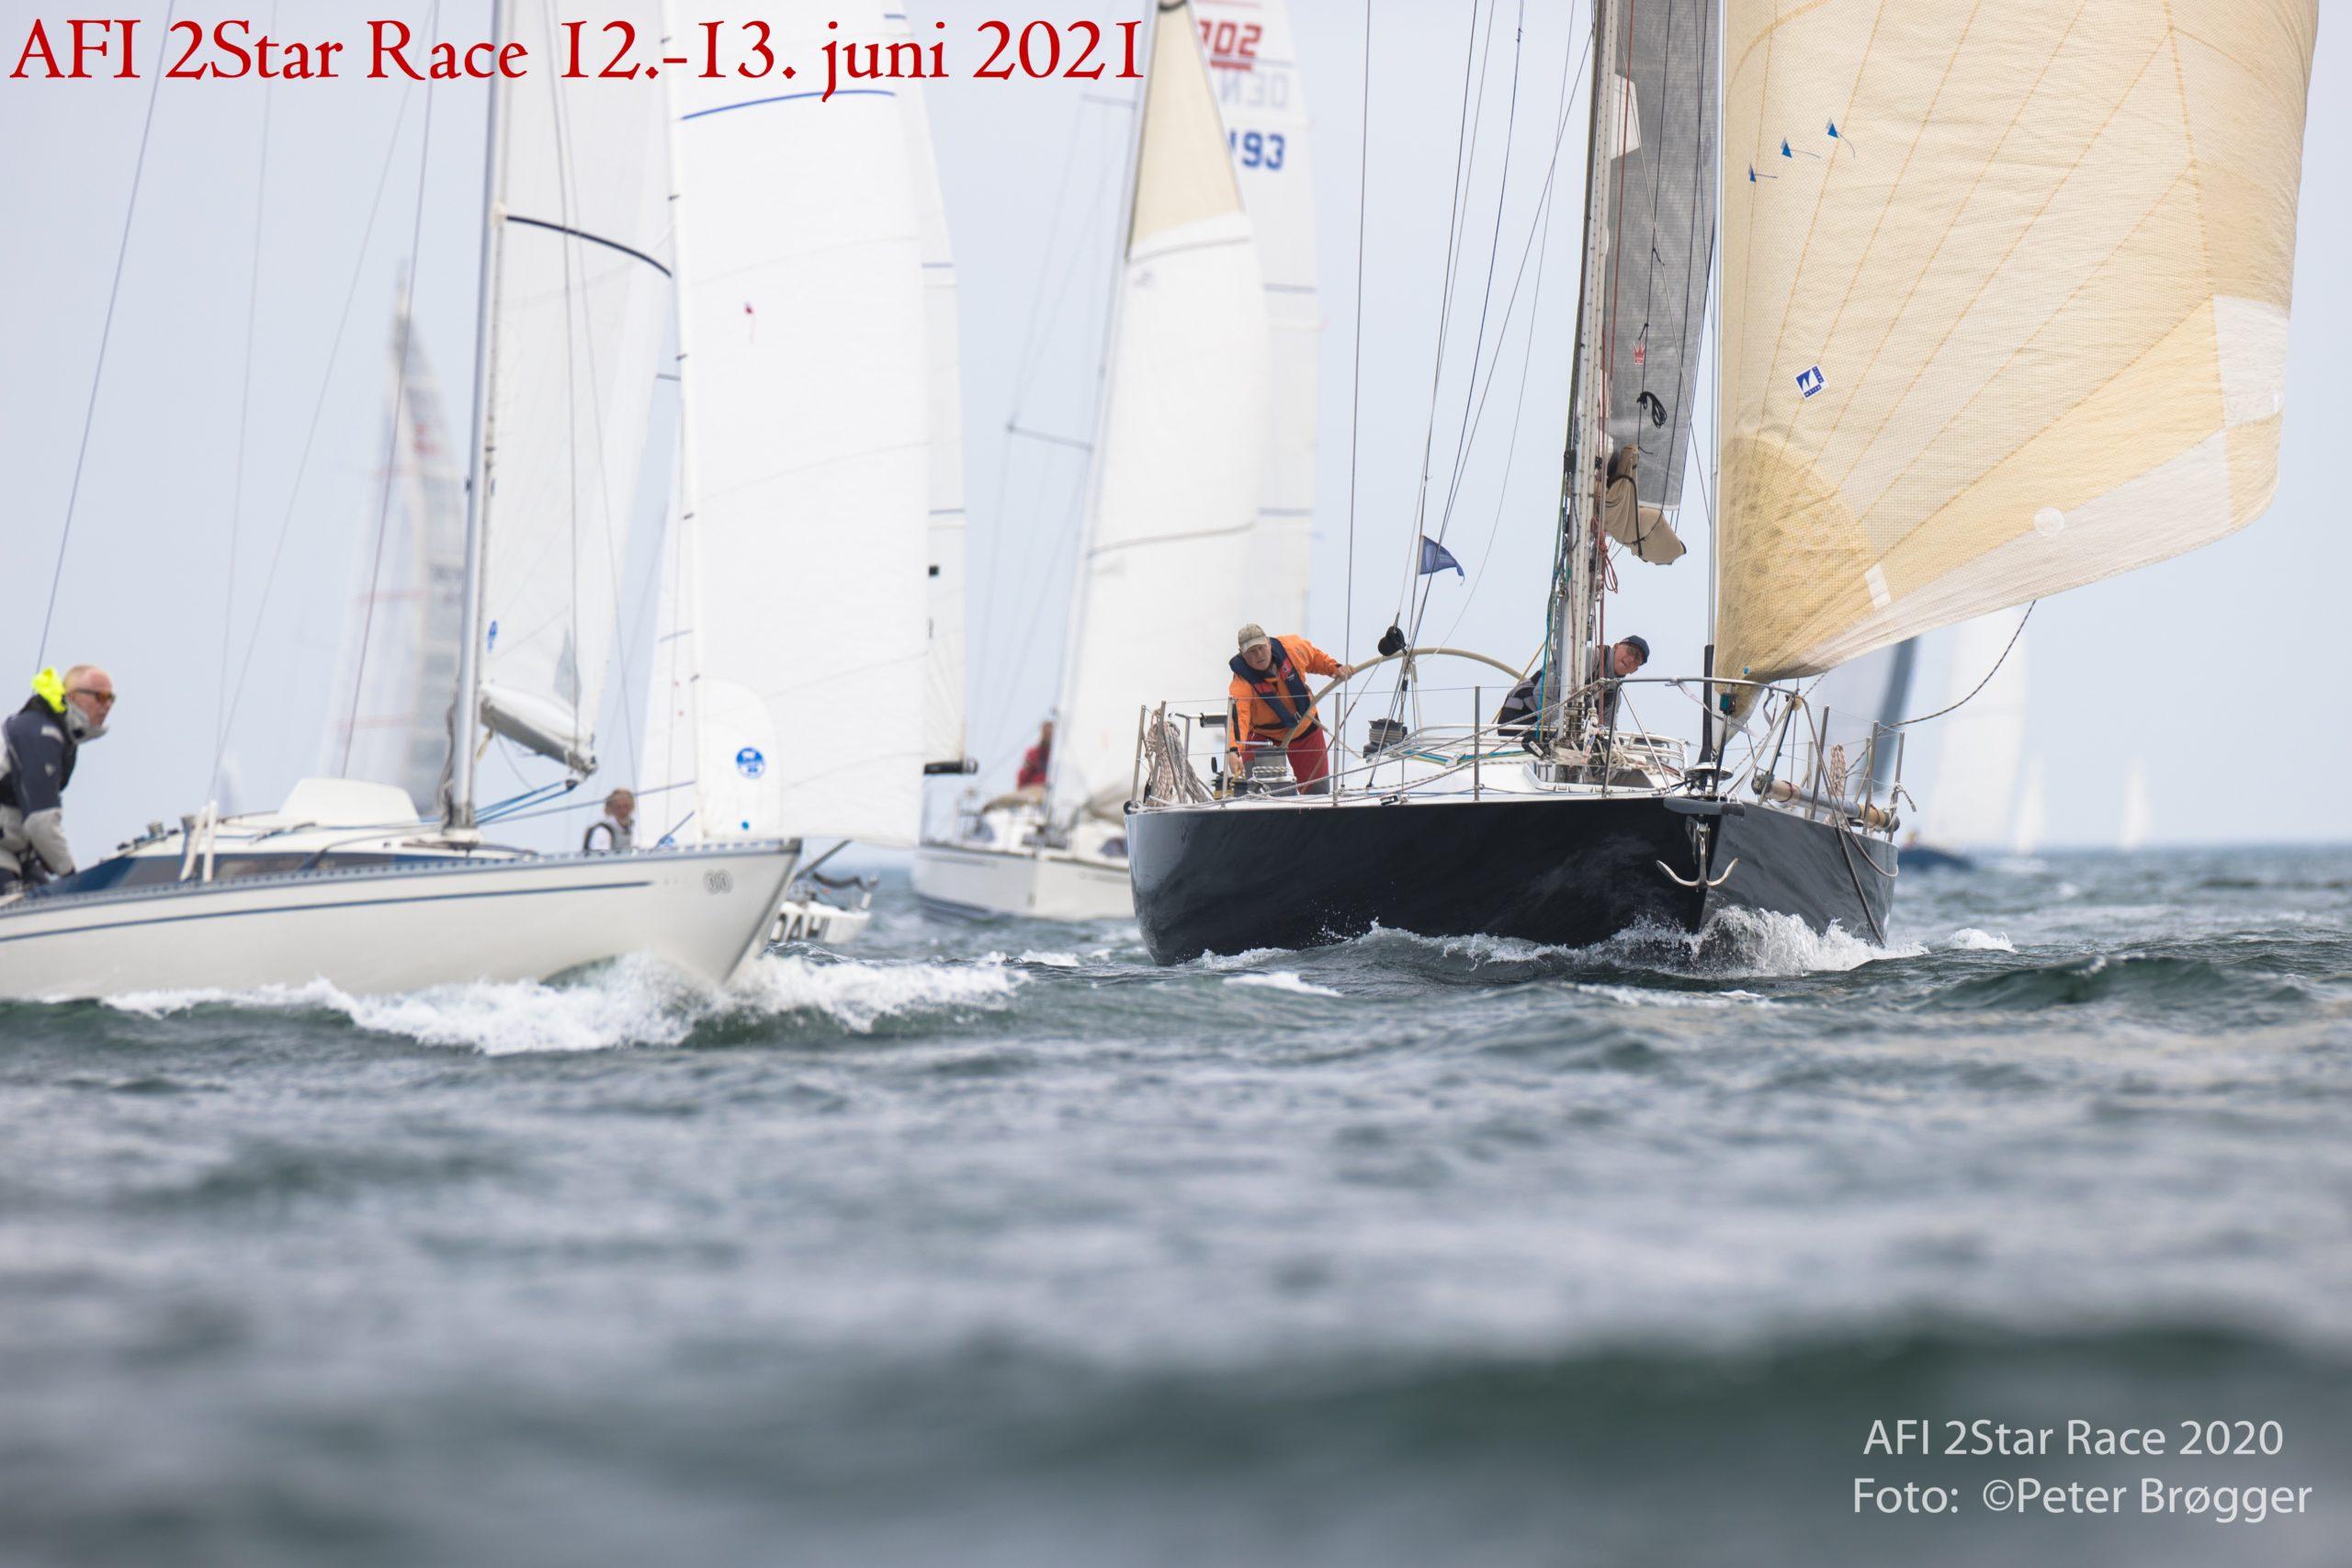 AFI 2Star Race 2021